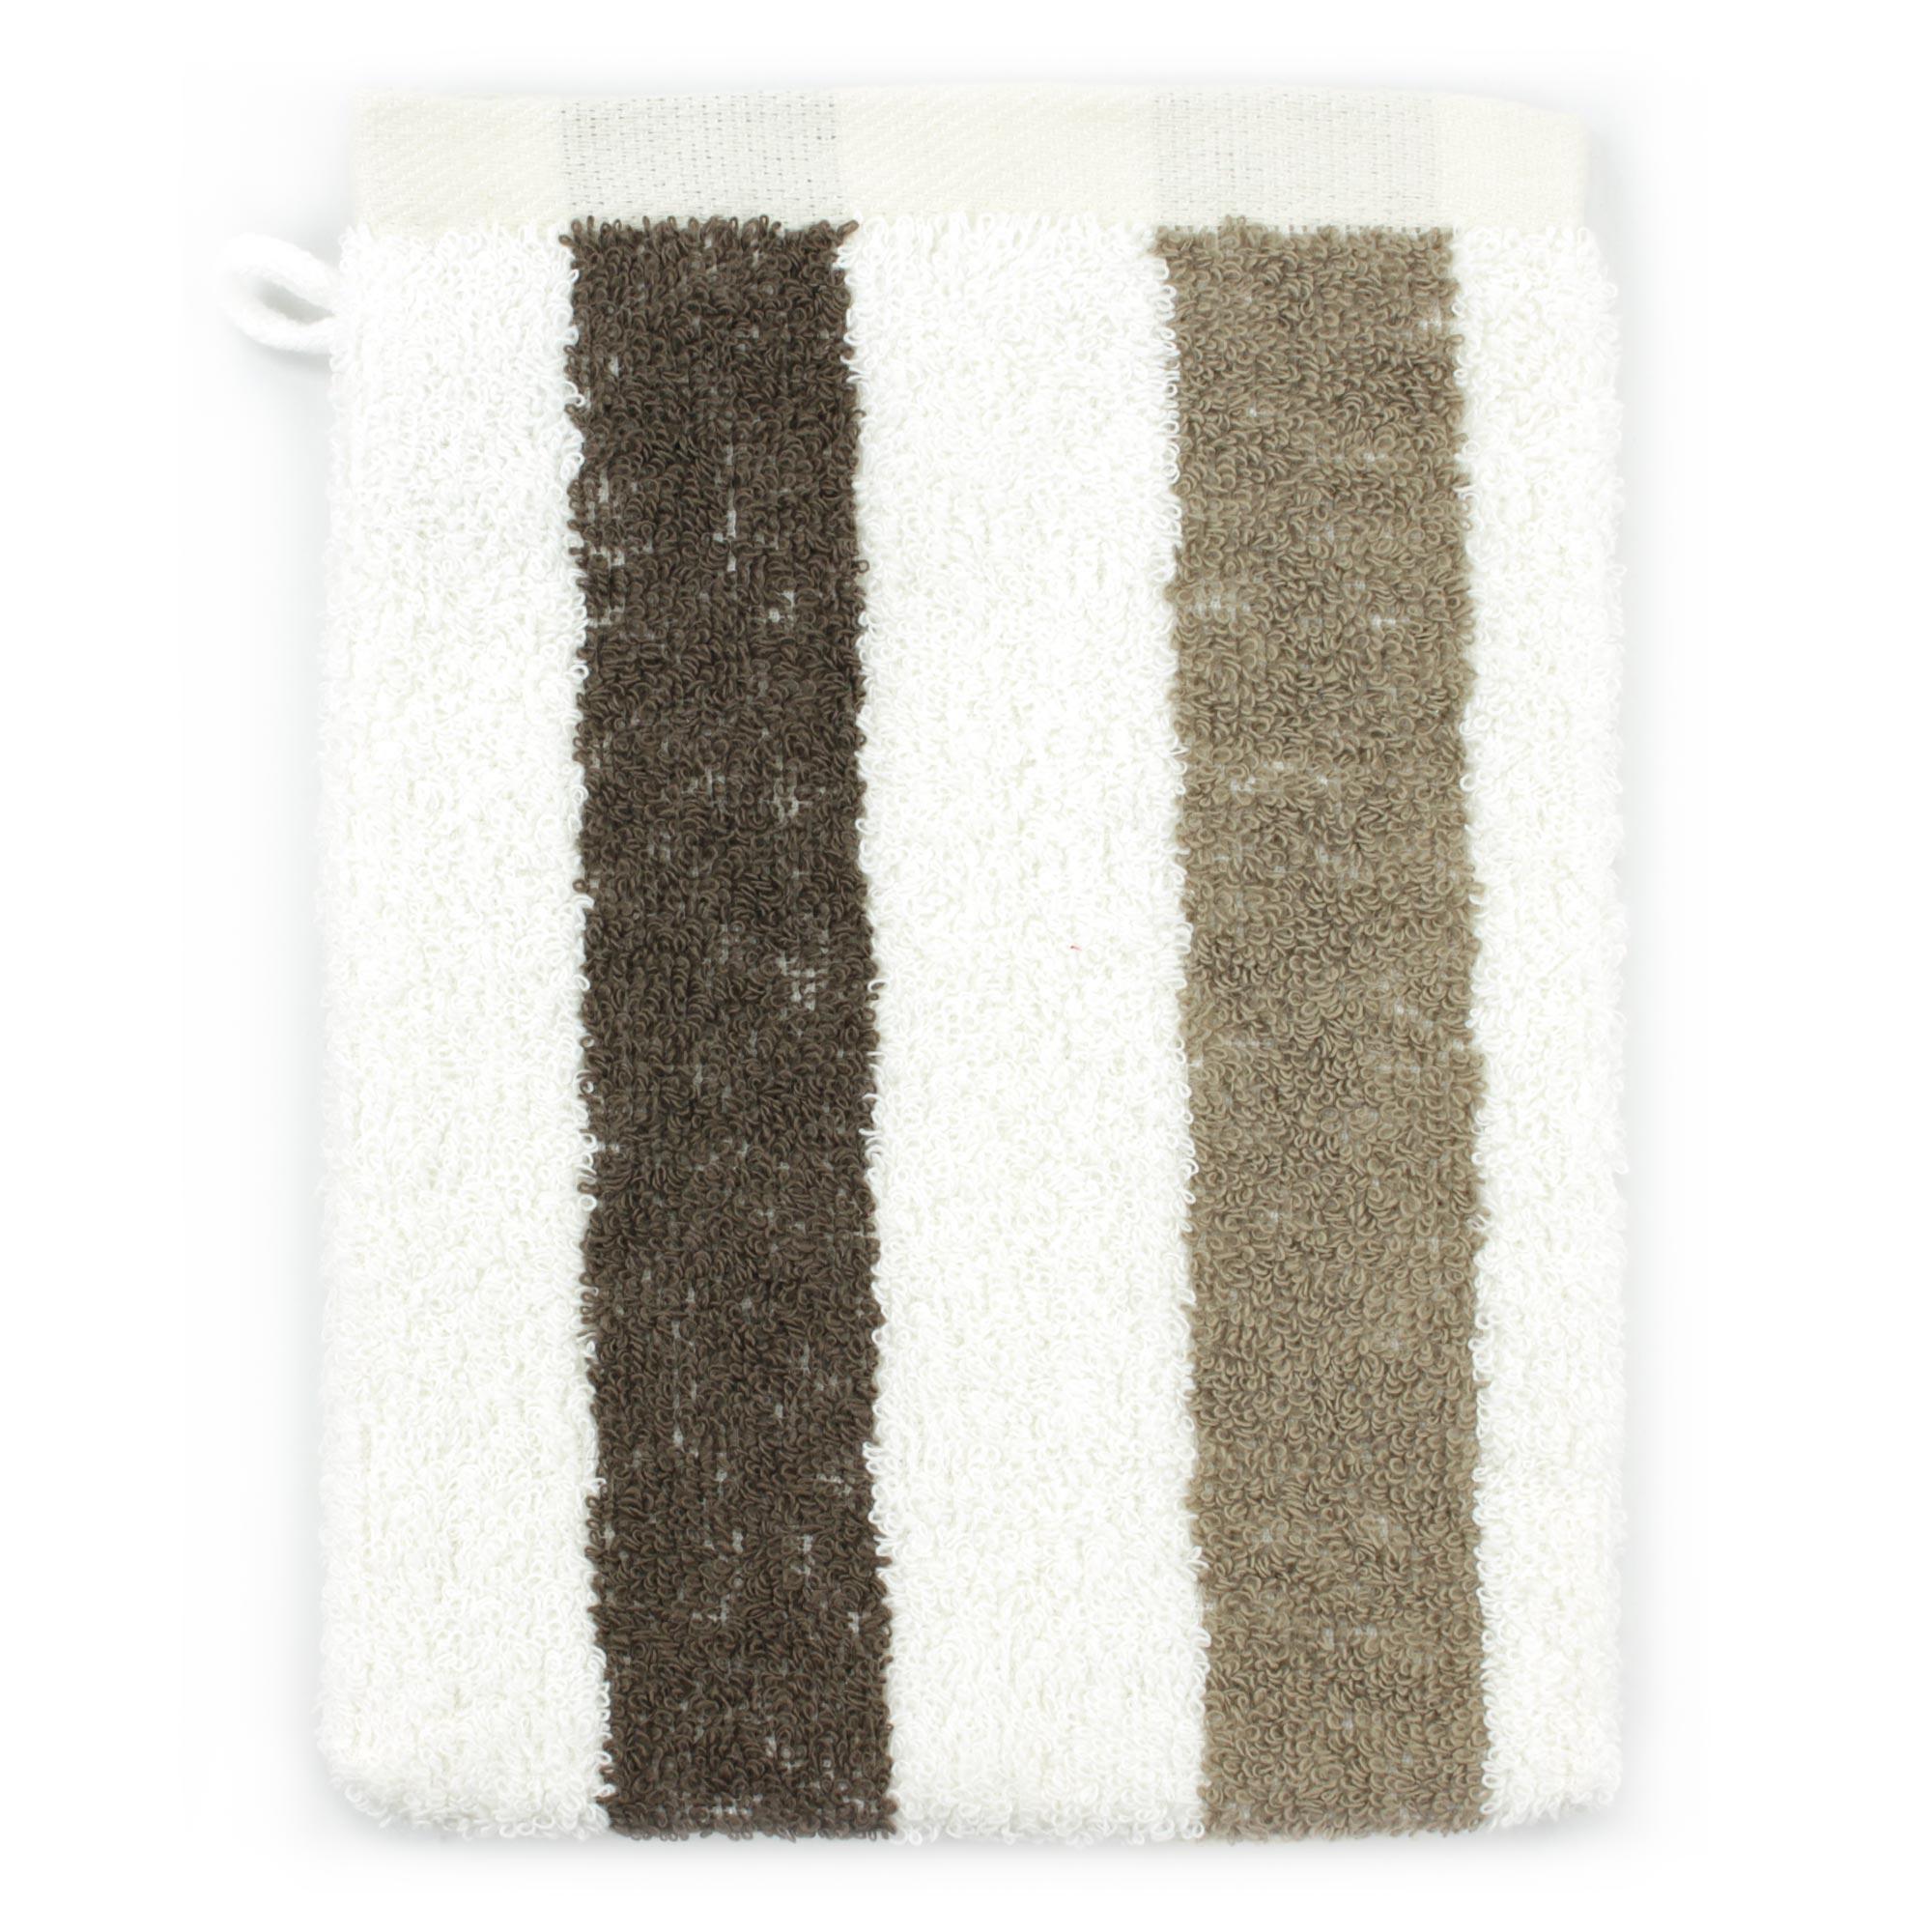 Gant-de-toilette-16x21-100-coton-480g-m2-CLASSIC-STRIPES-Marron